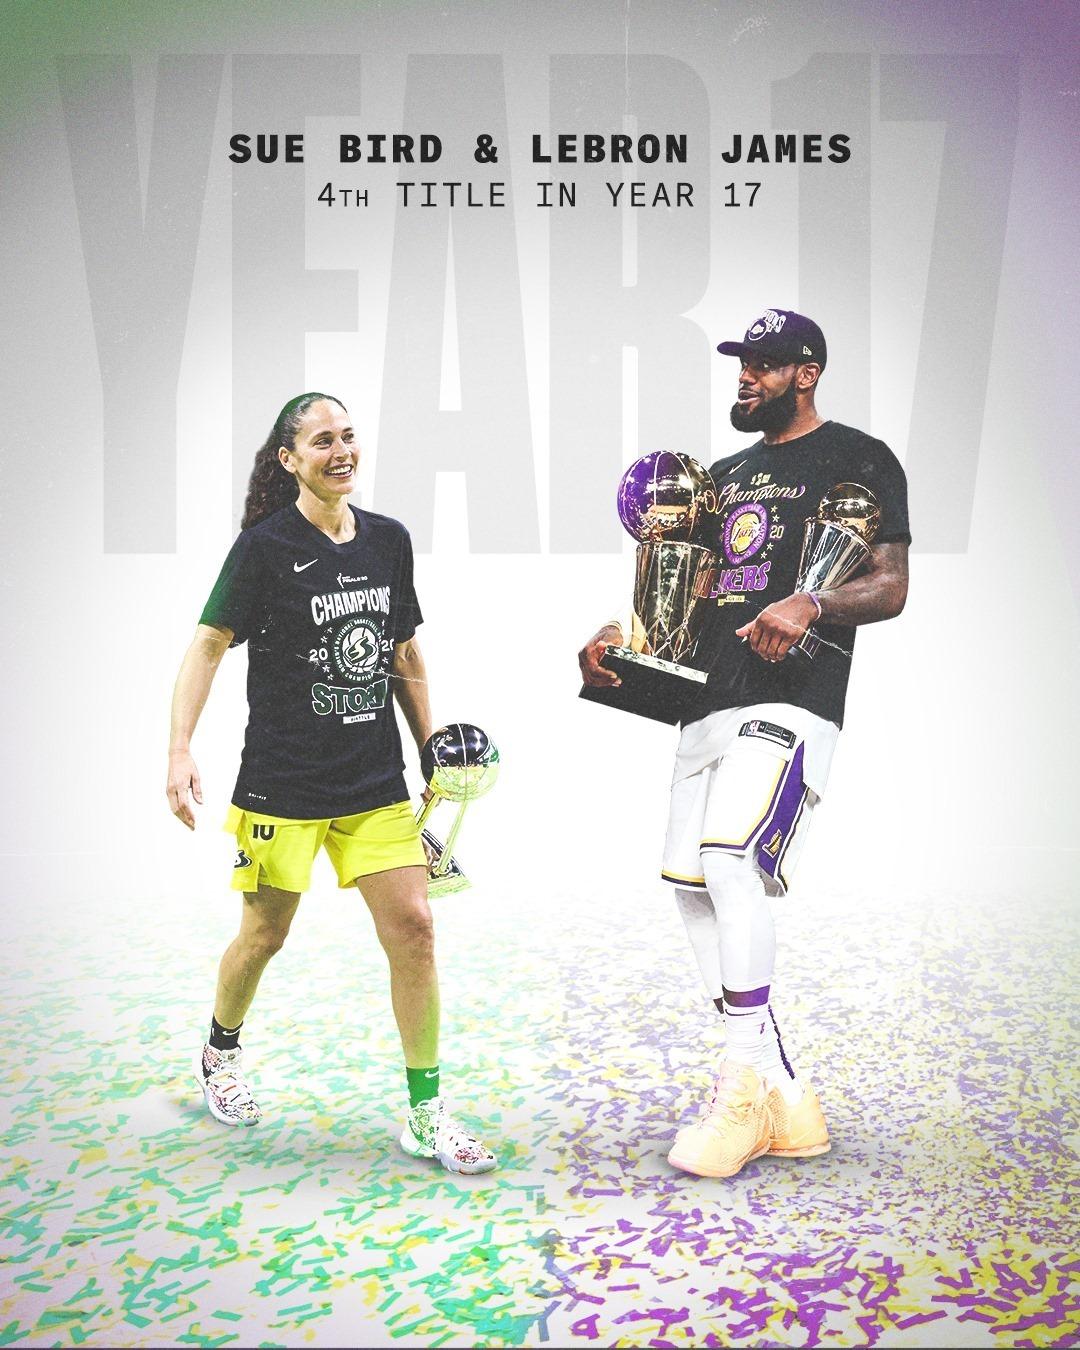 媒体晒詹姆斯和WNBA球星休-伯德:生涯第17个赛季第4冠